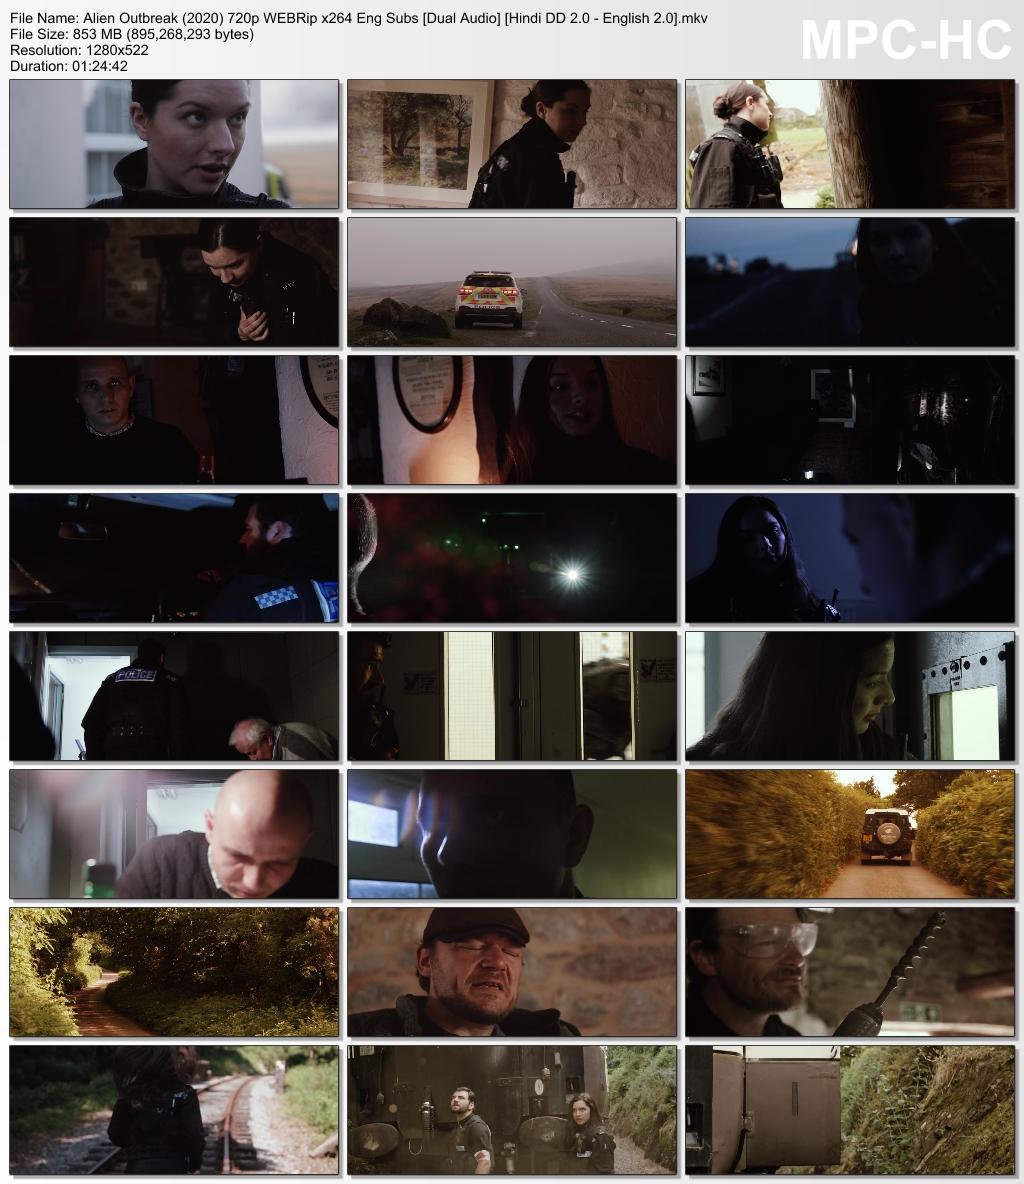 Alien Outbreak Screen Shot 2